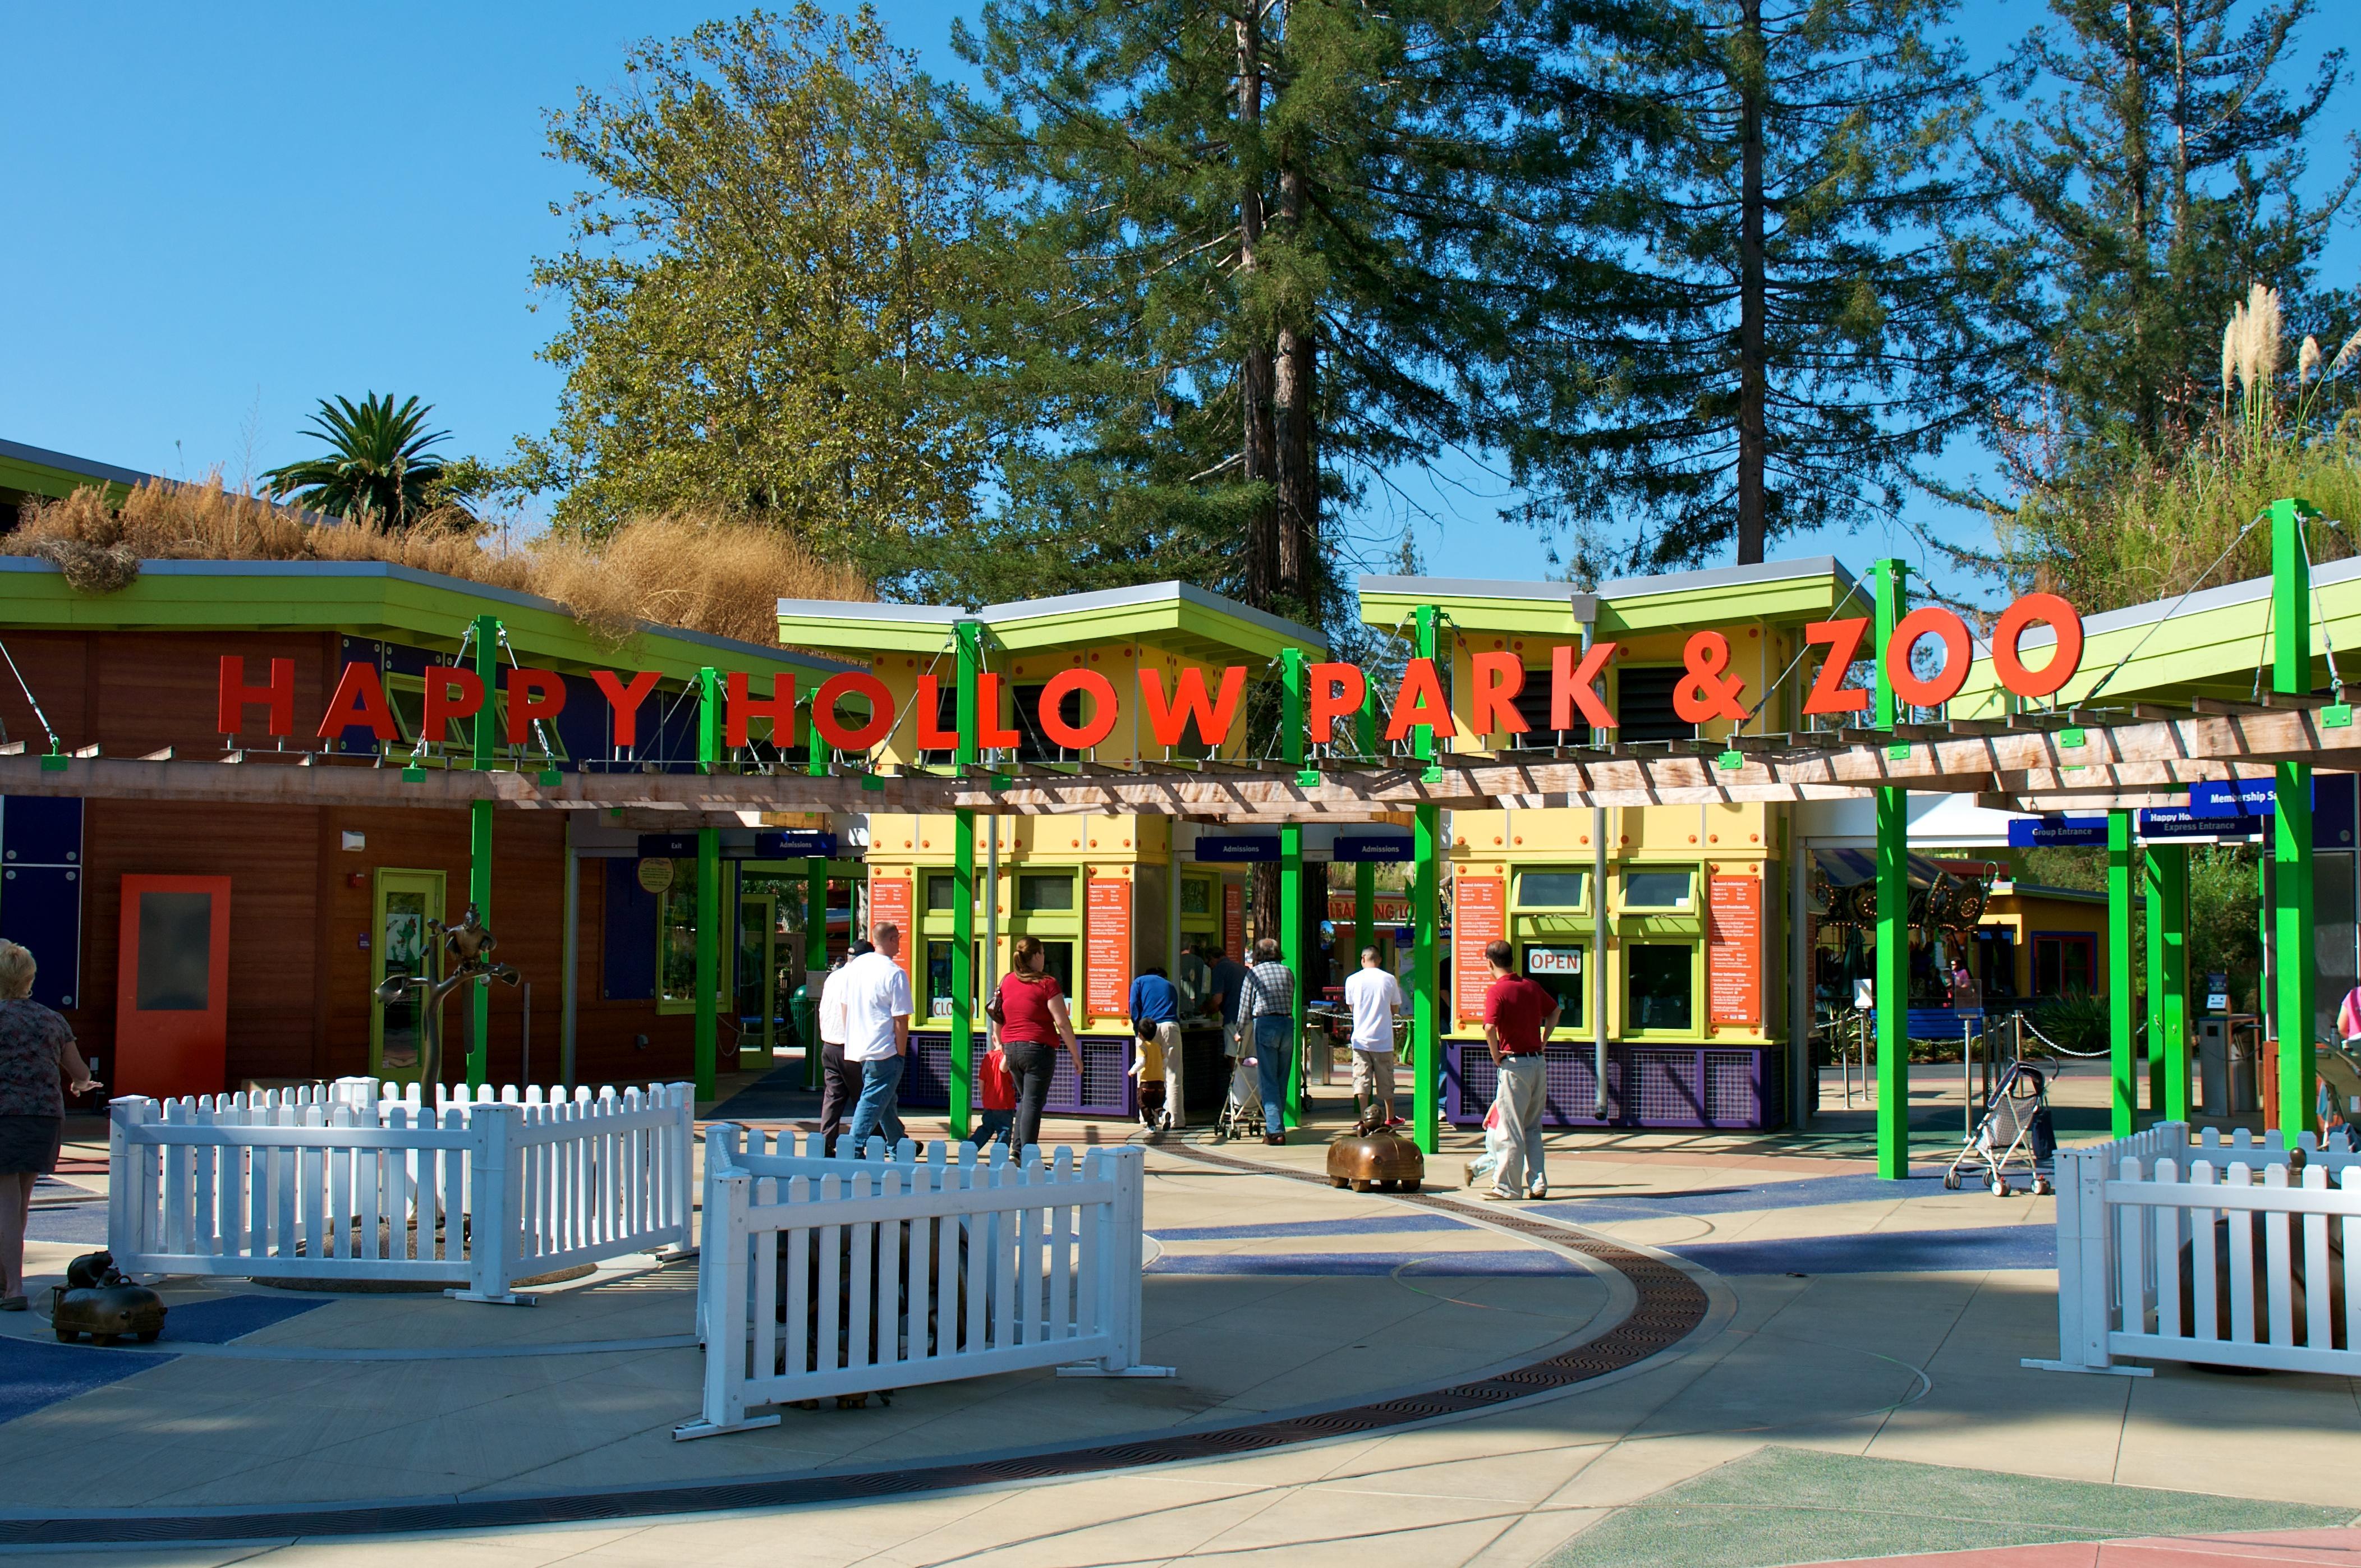 FileHappy Hollow Park  Zoo San Jose California USAOct - Map of usa showing san jose